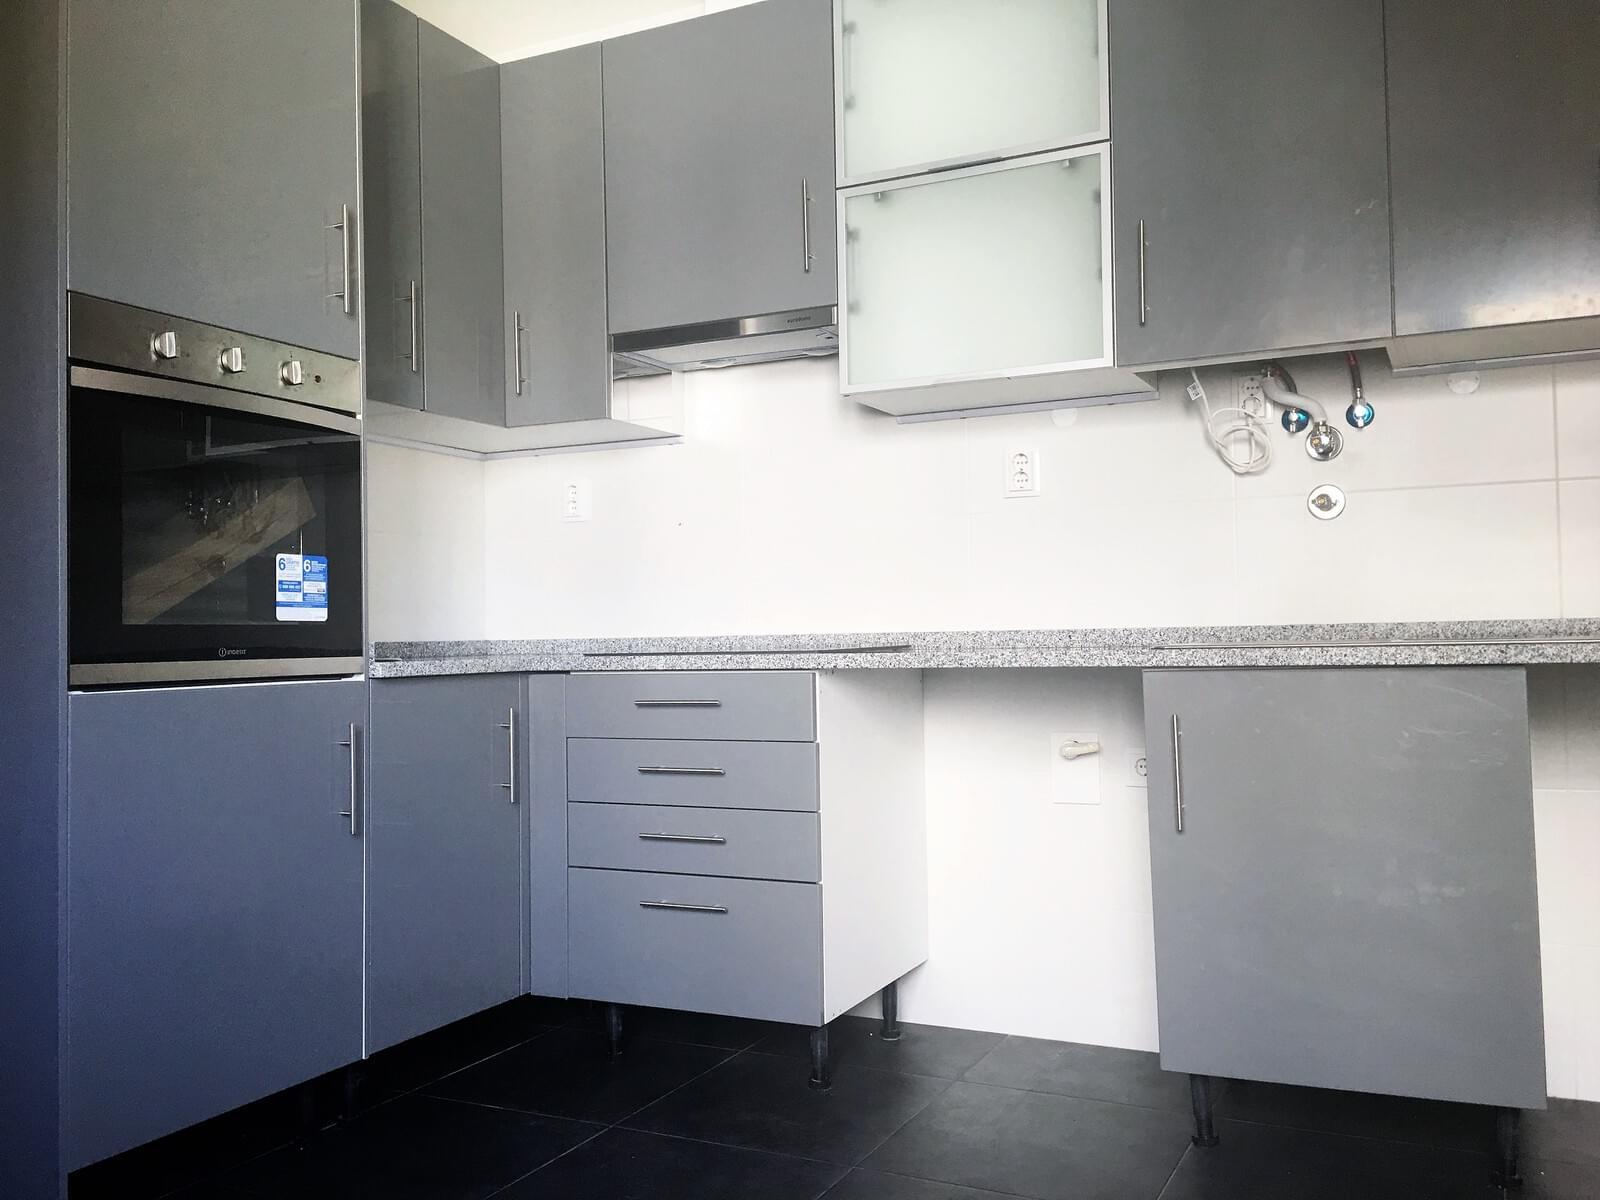 pf17642-apartamento-t3-lisboa-77fea6bf-6563-47ed-88c6-024c594ffa18